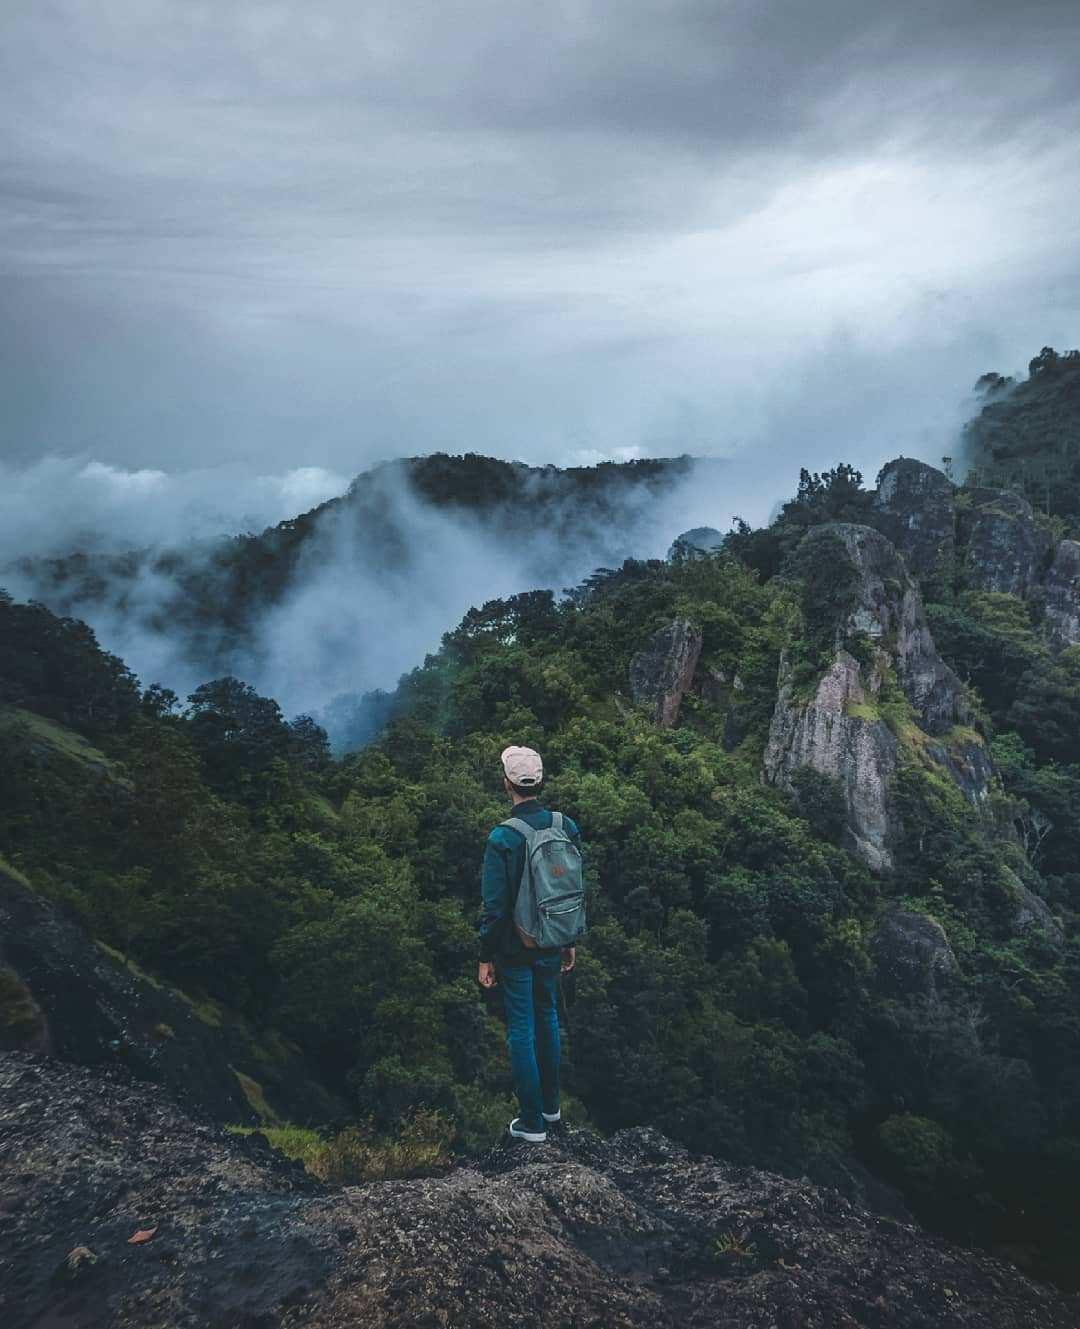 Menikmati pemandangan dan Kabut Awan di Gunung Api Purba, Image From @rafirss